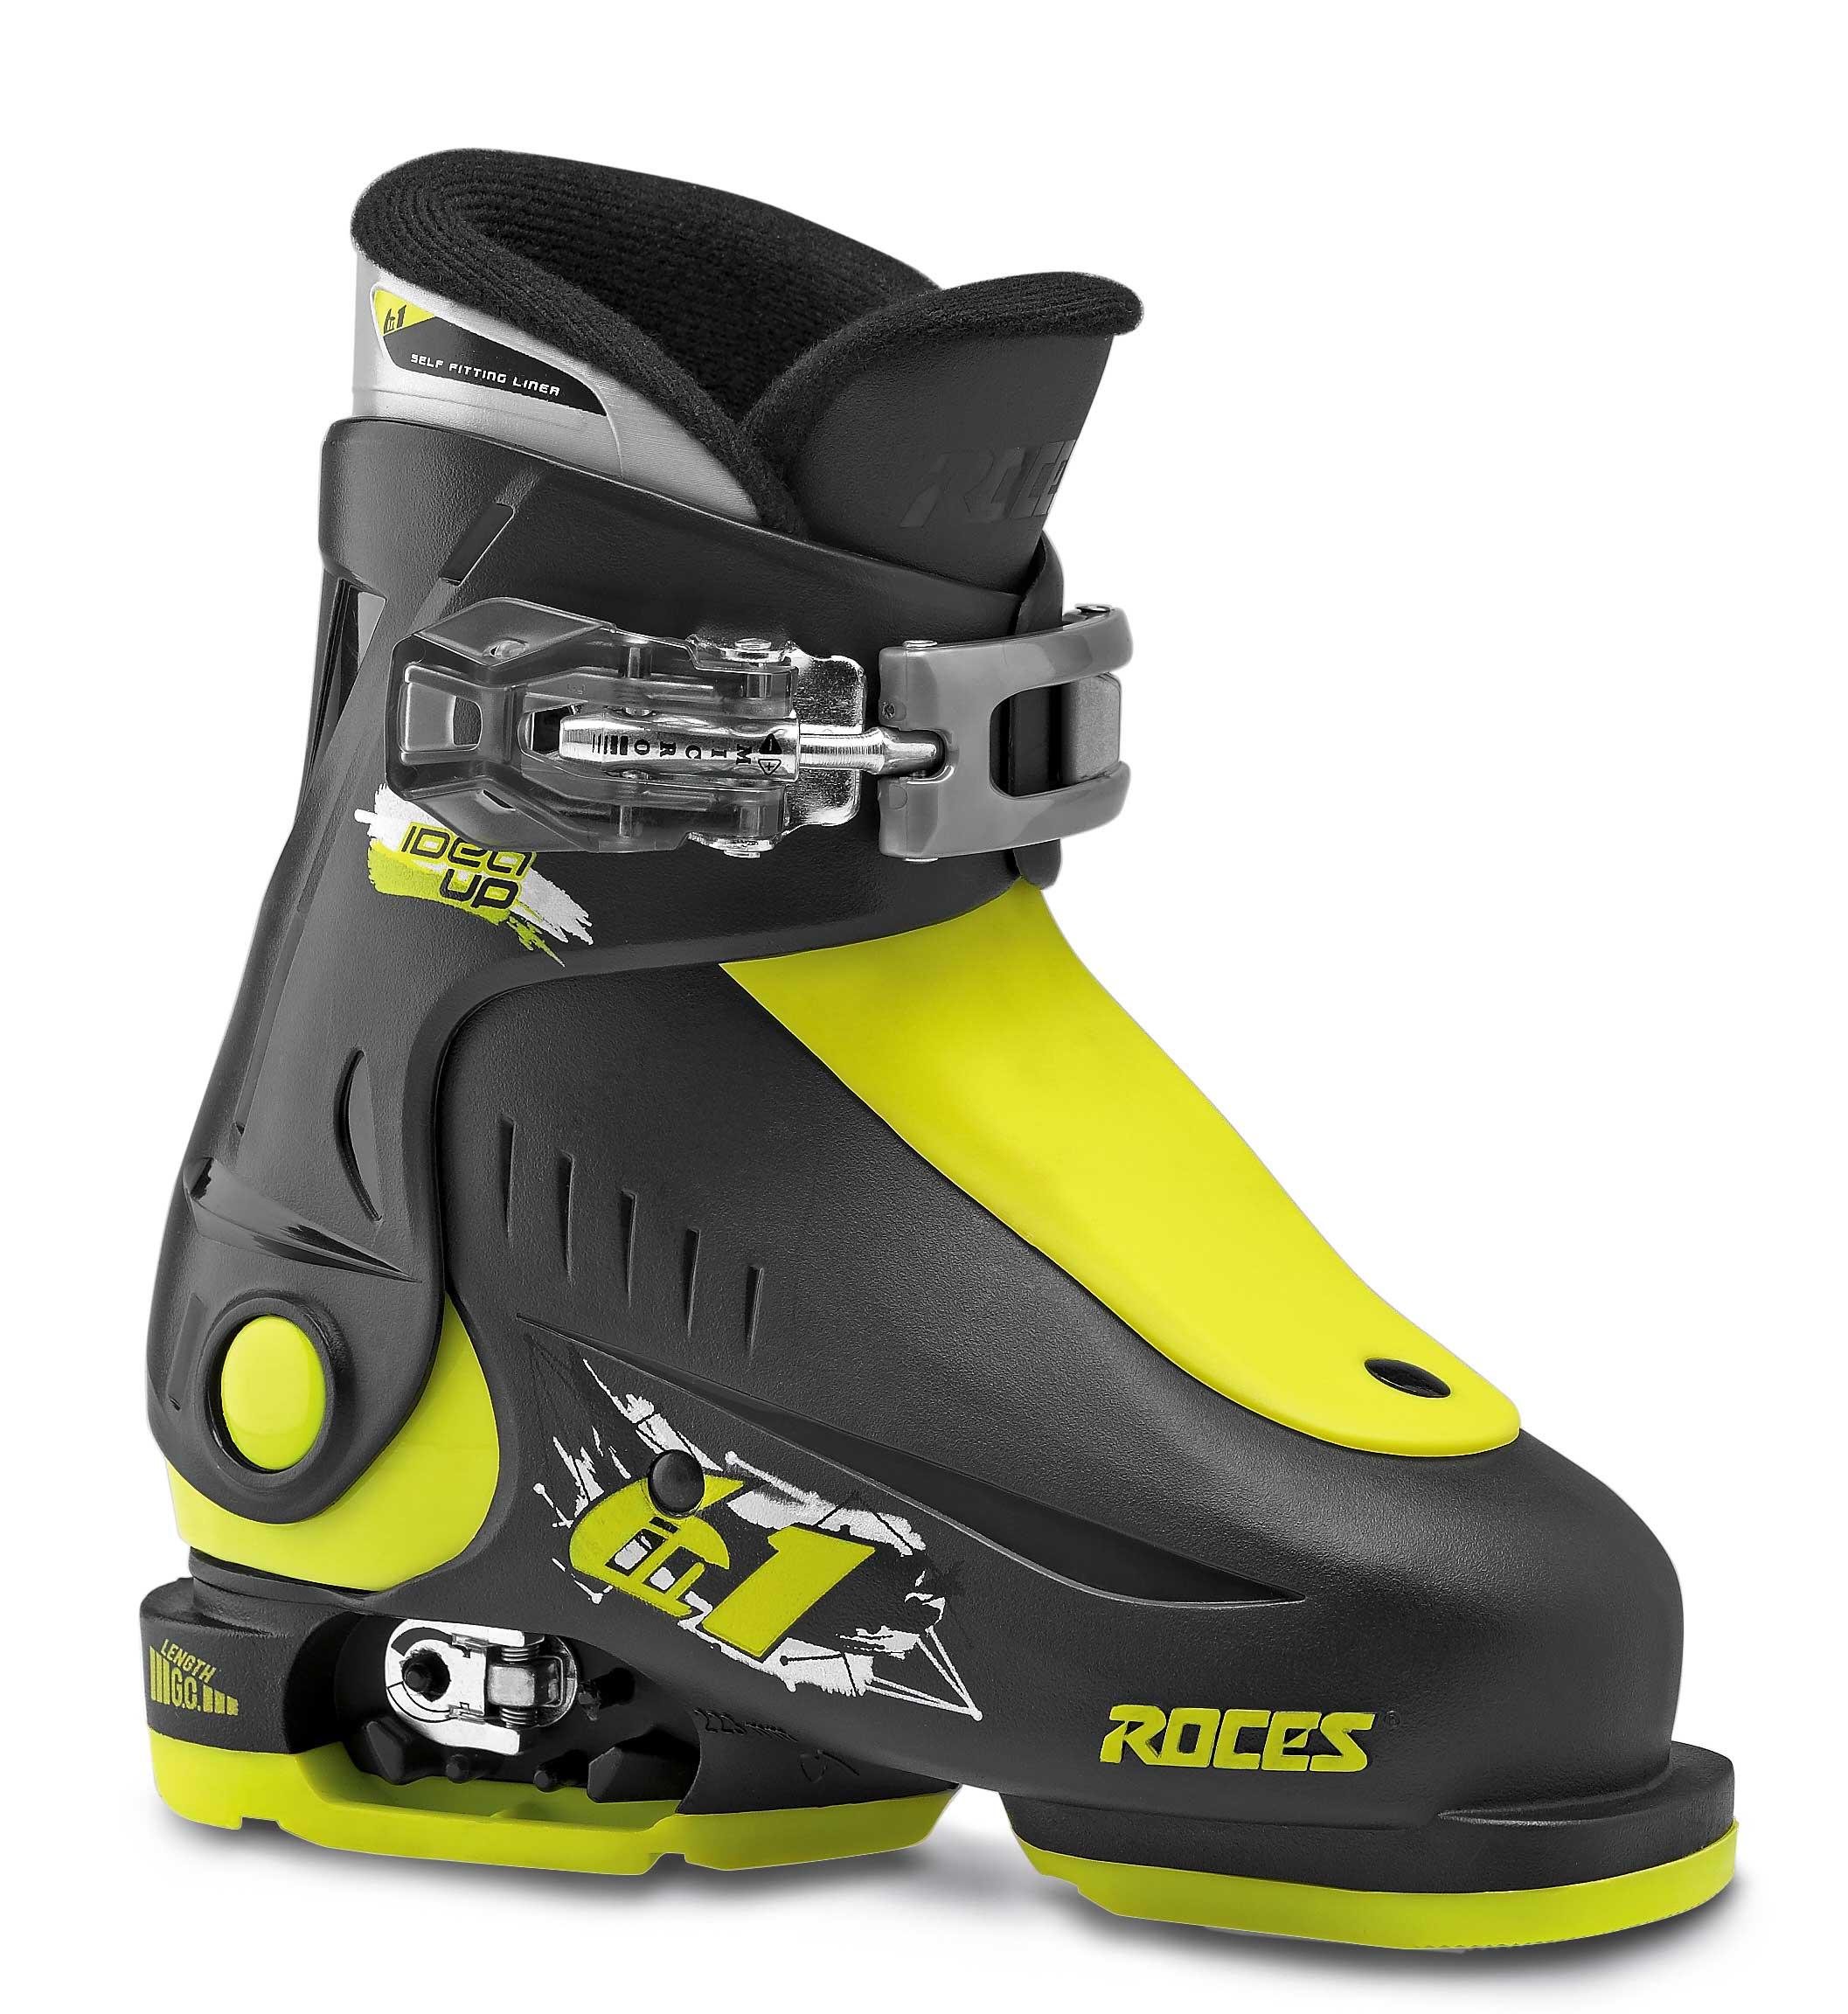 Roces Idea Up Black Lime 25-29